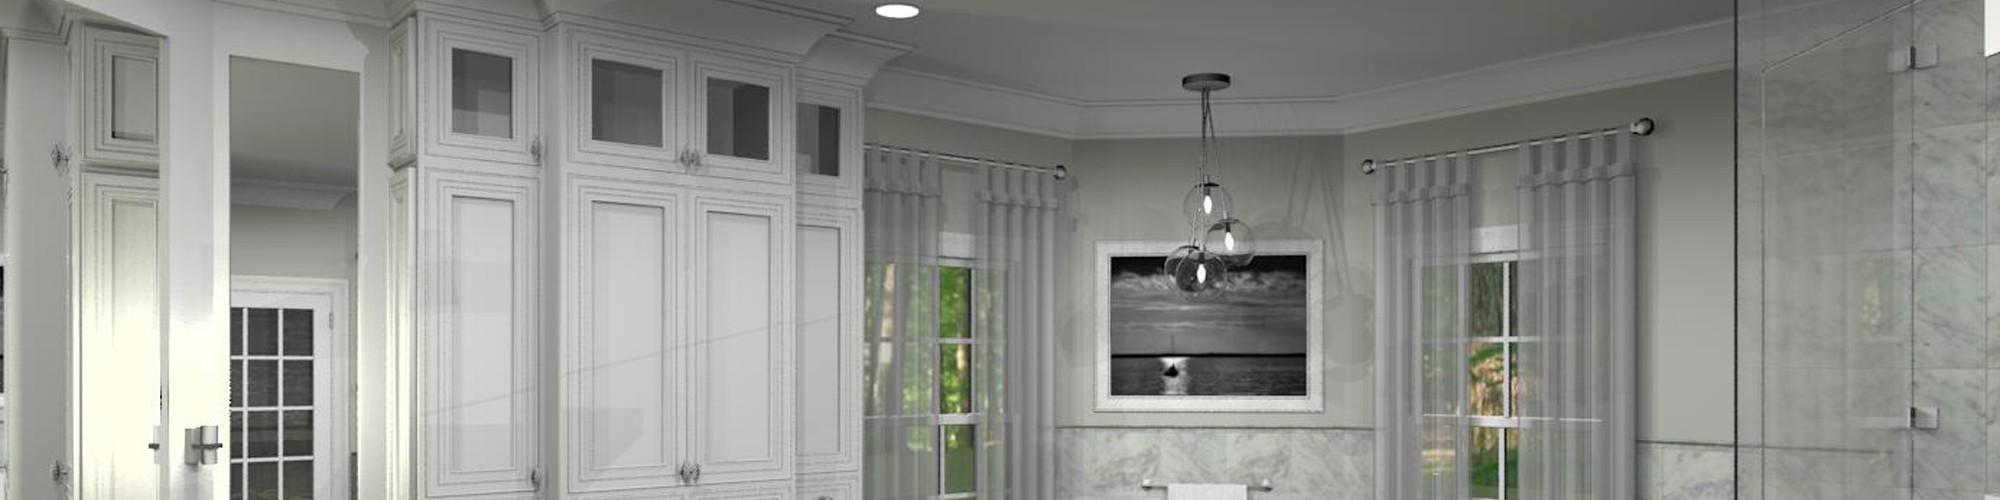 Design Build Pros – Bathrooms (16)